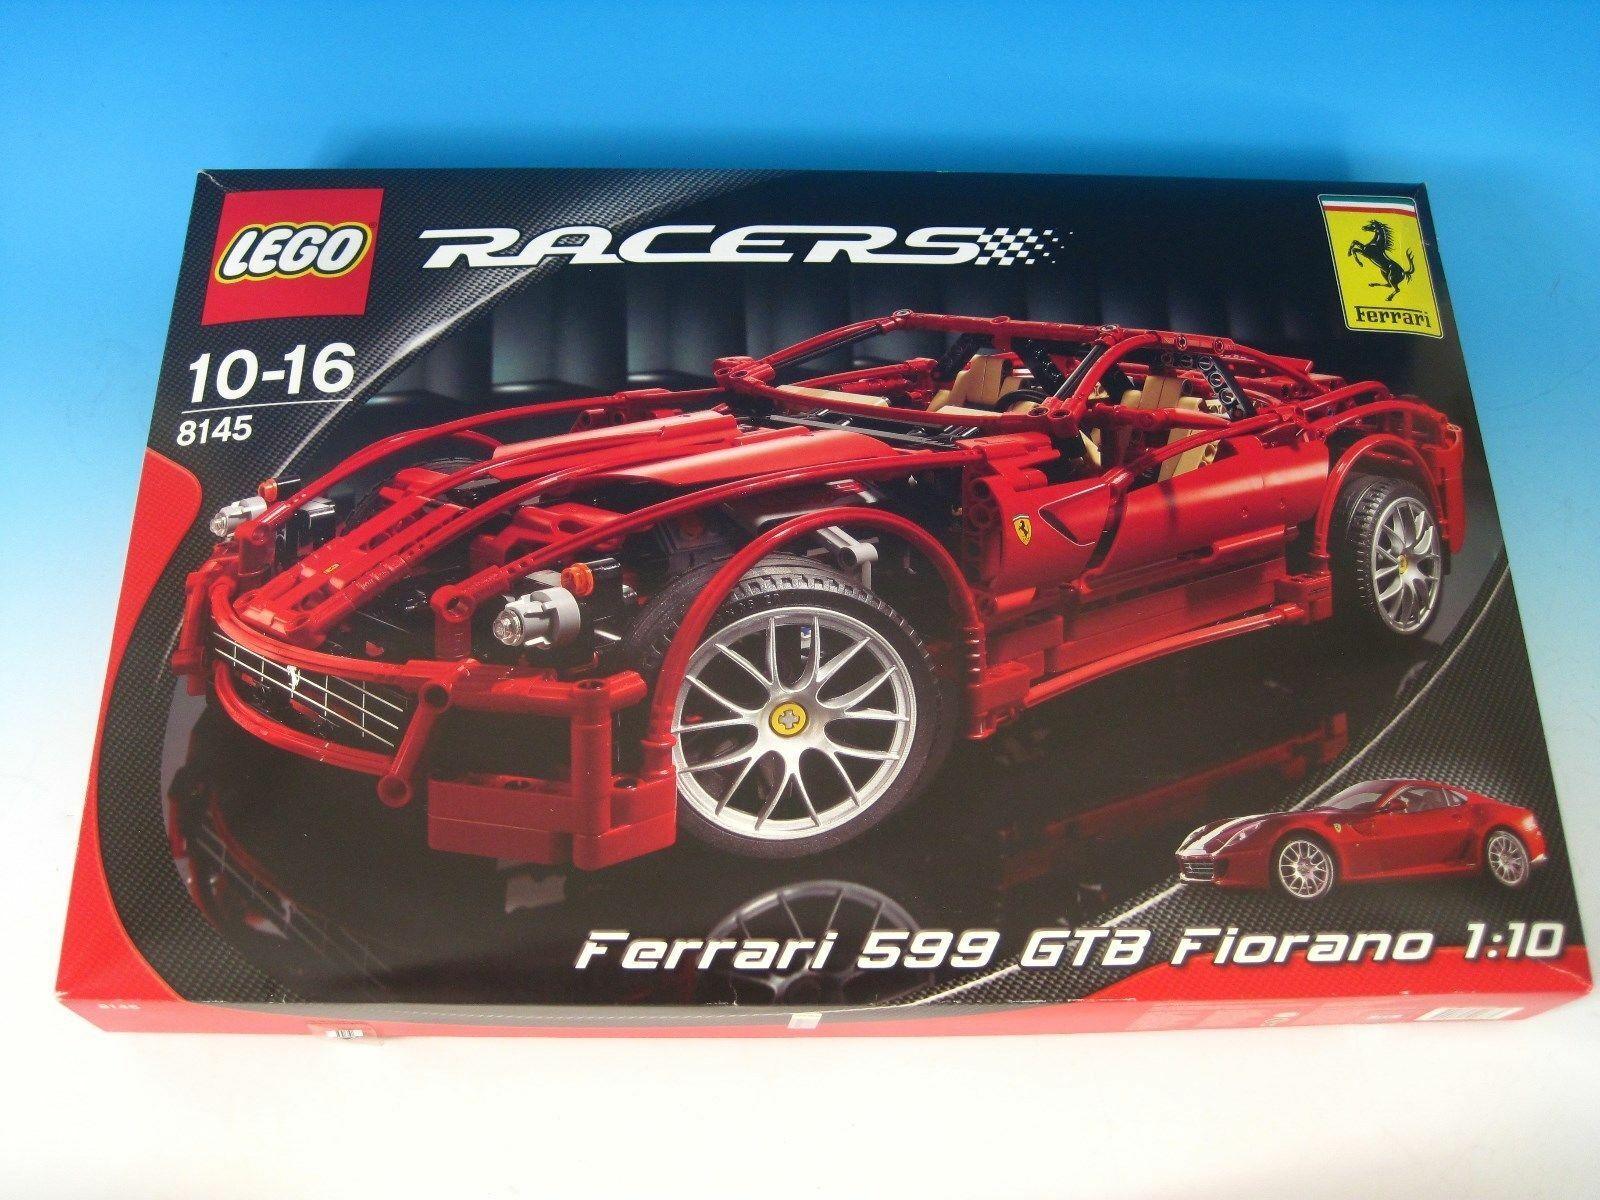 LEGO Racers Ferrari 599 GTB Fiorano 110 (8145)